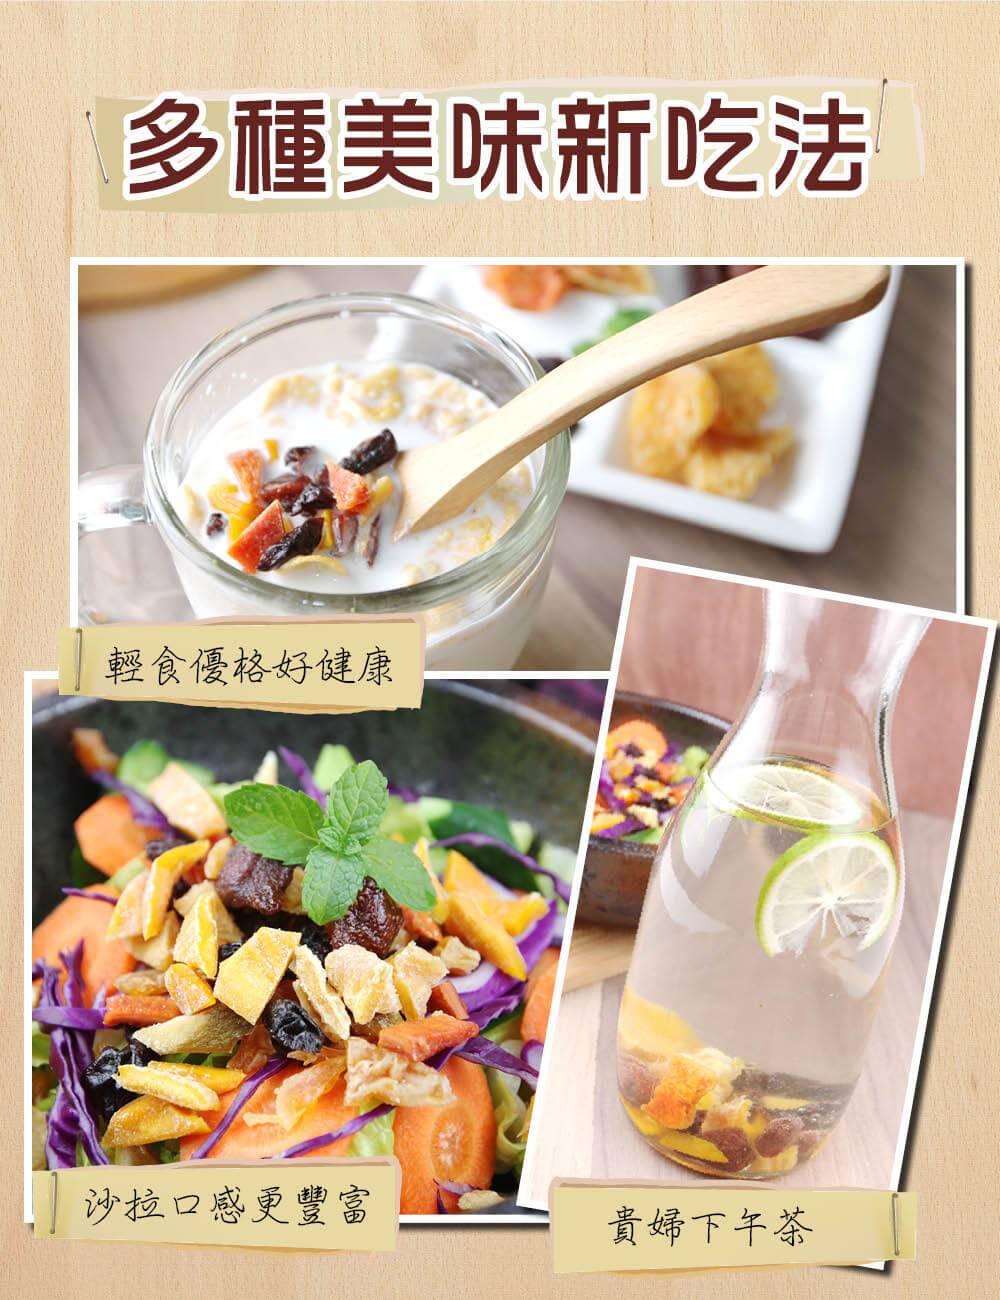 果然美味鳳梨果乾-多種美味新吃法